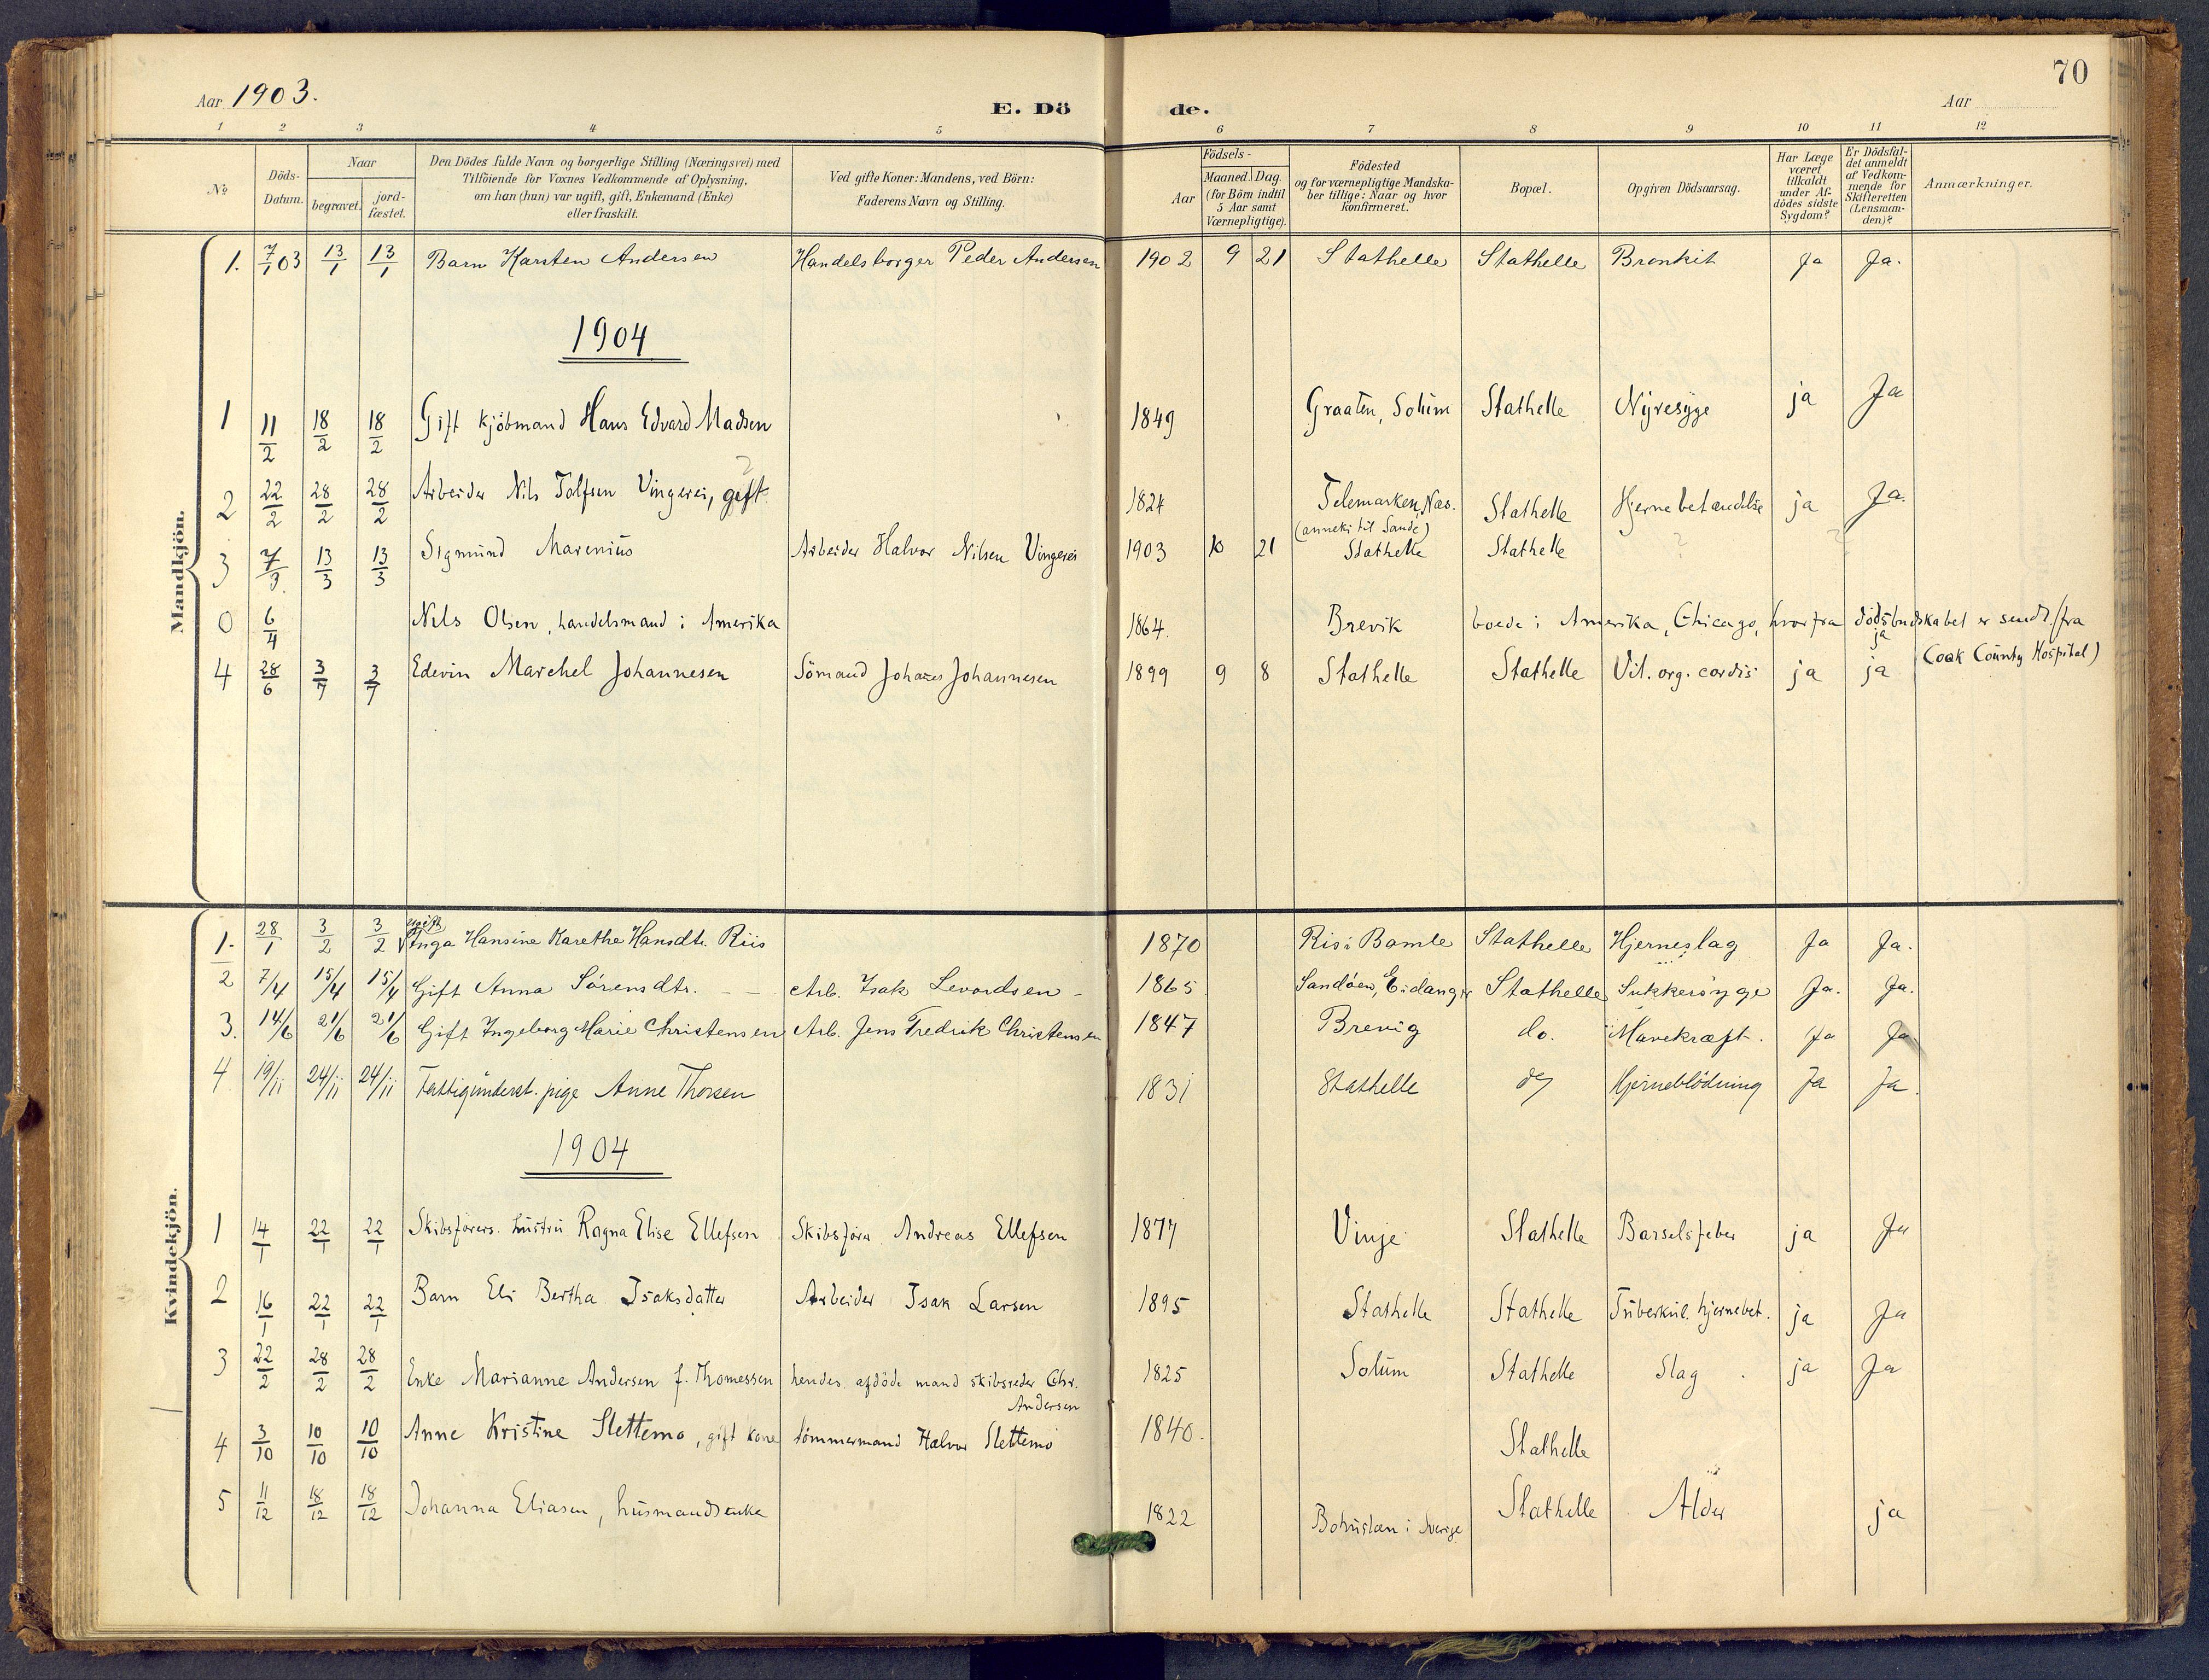 SAKO, Bamble kirkebøker, F/Fb/L0002: Ministerialbok nr. II 2, 1900-1921, s. 70